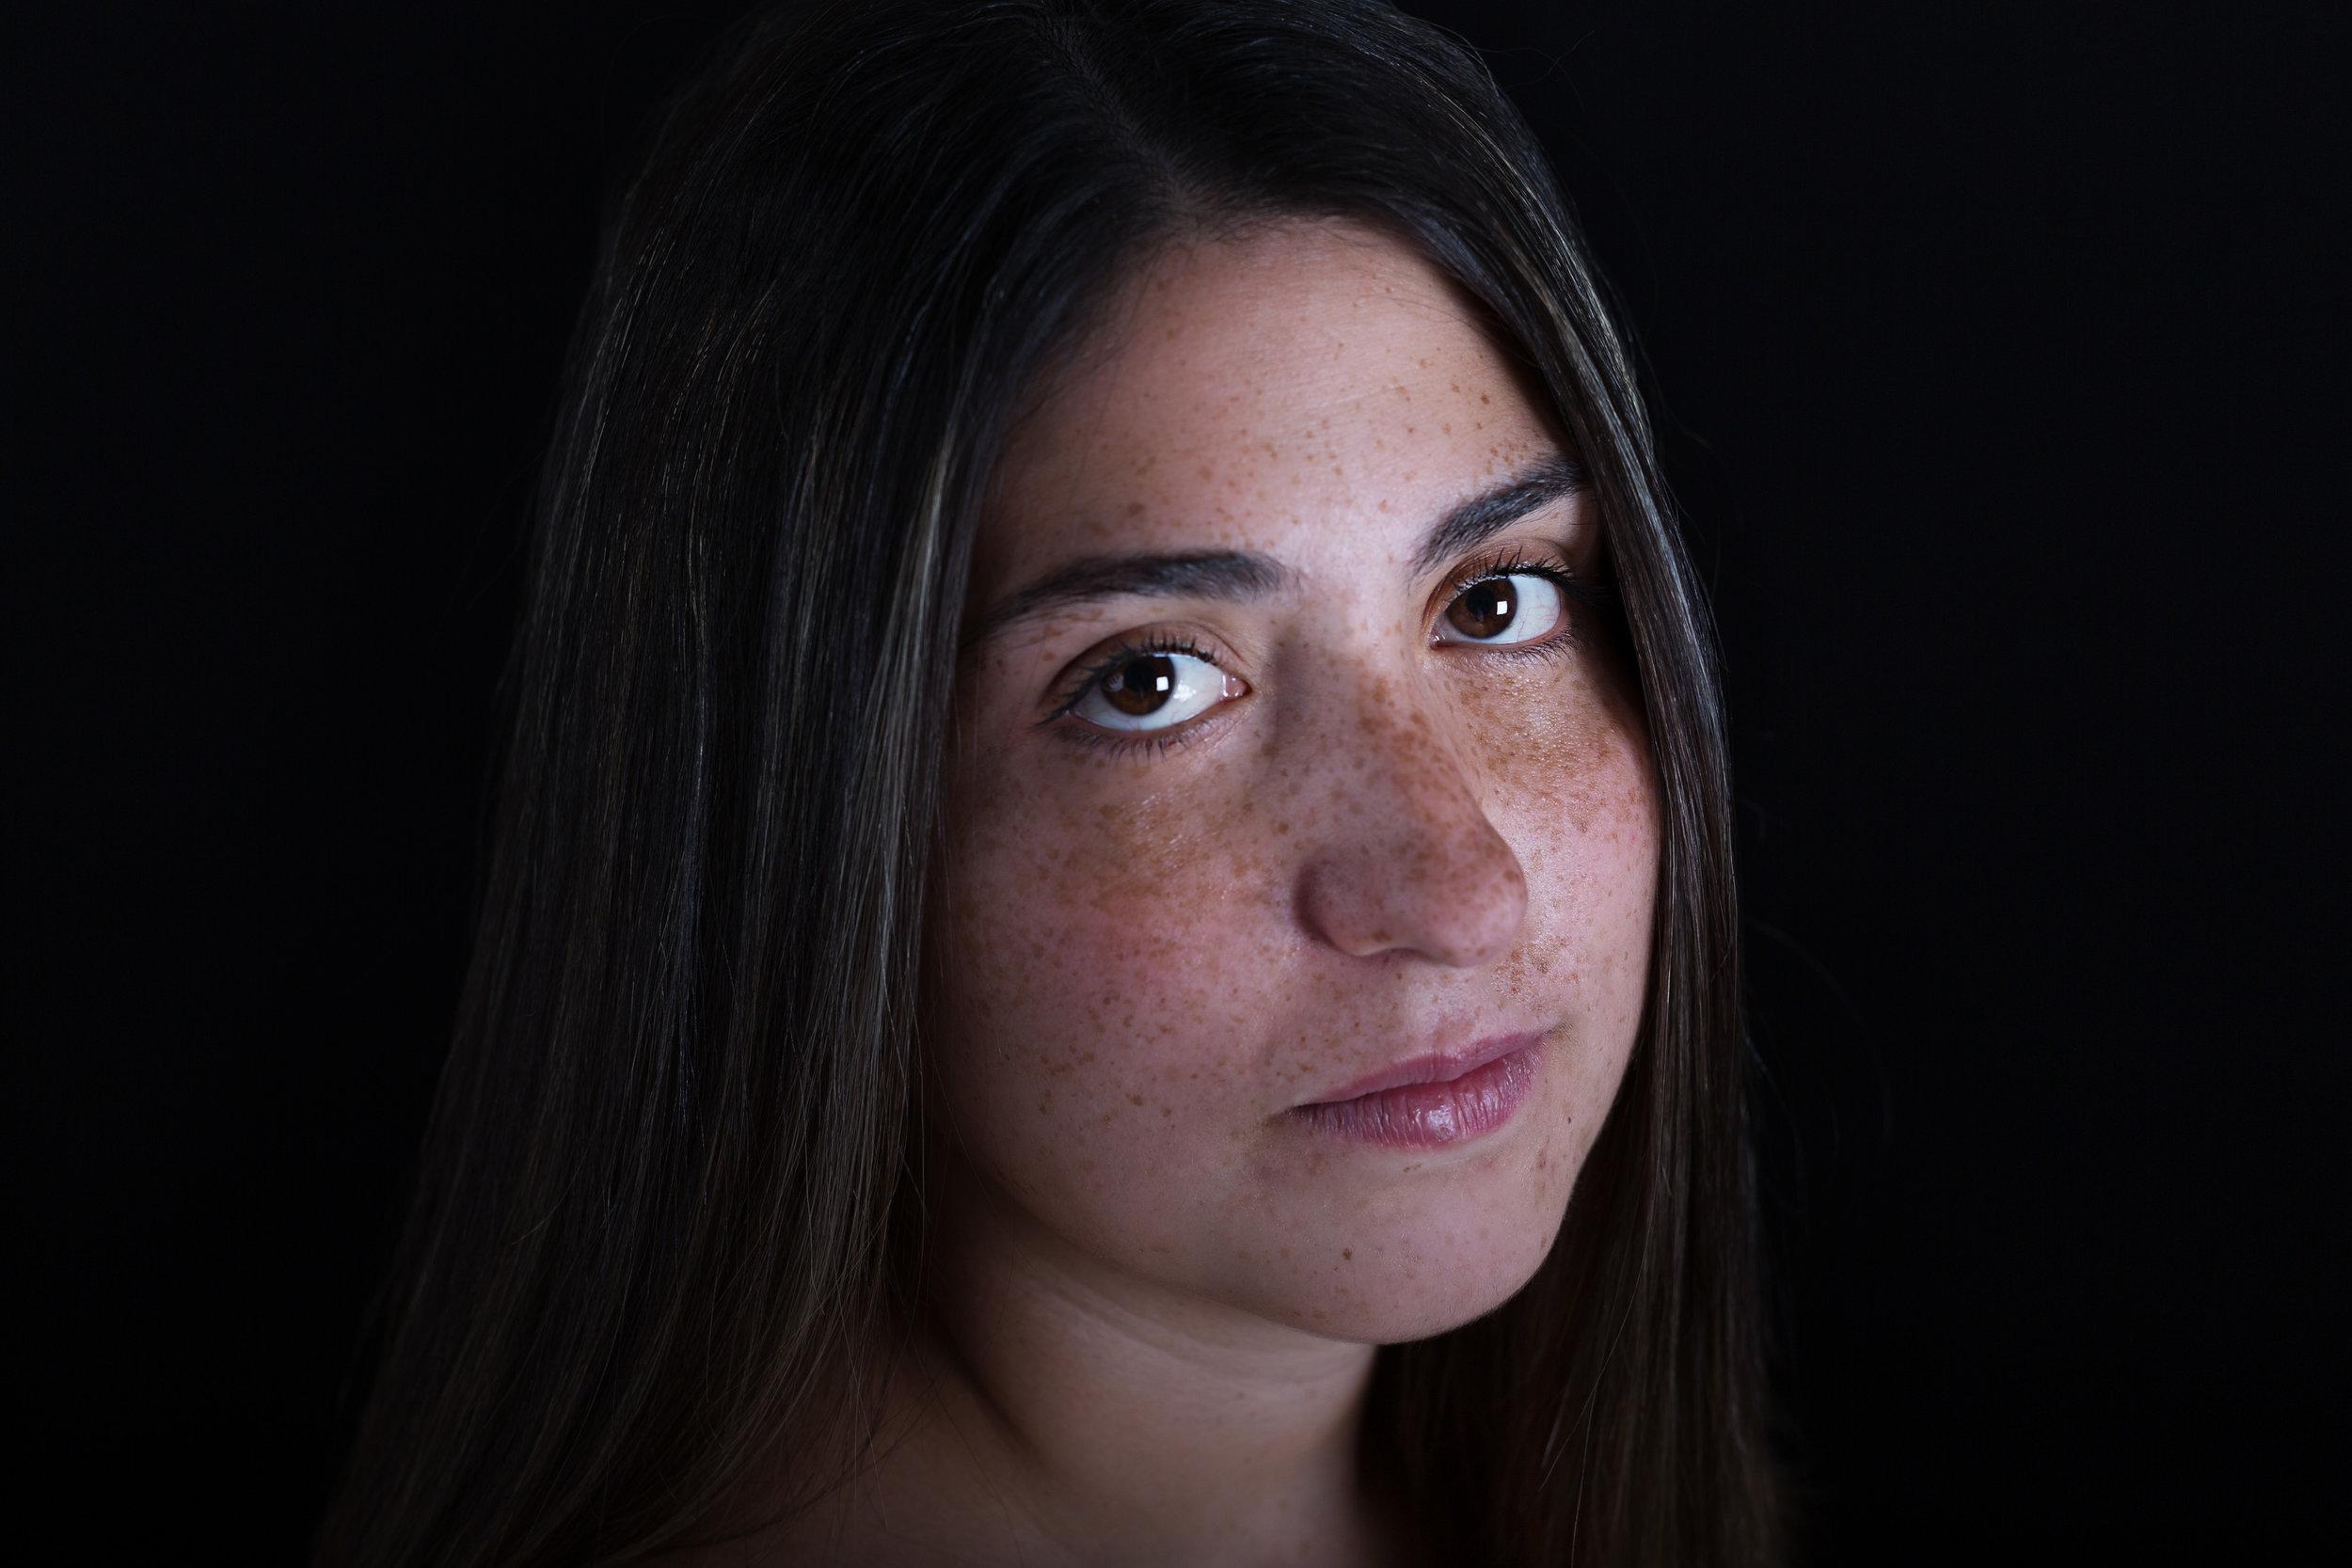 FrecklesOlga-8506.jpg